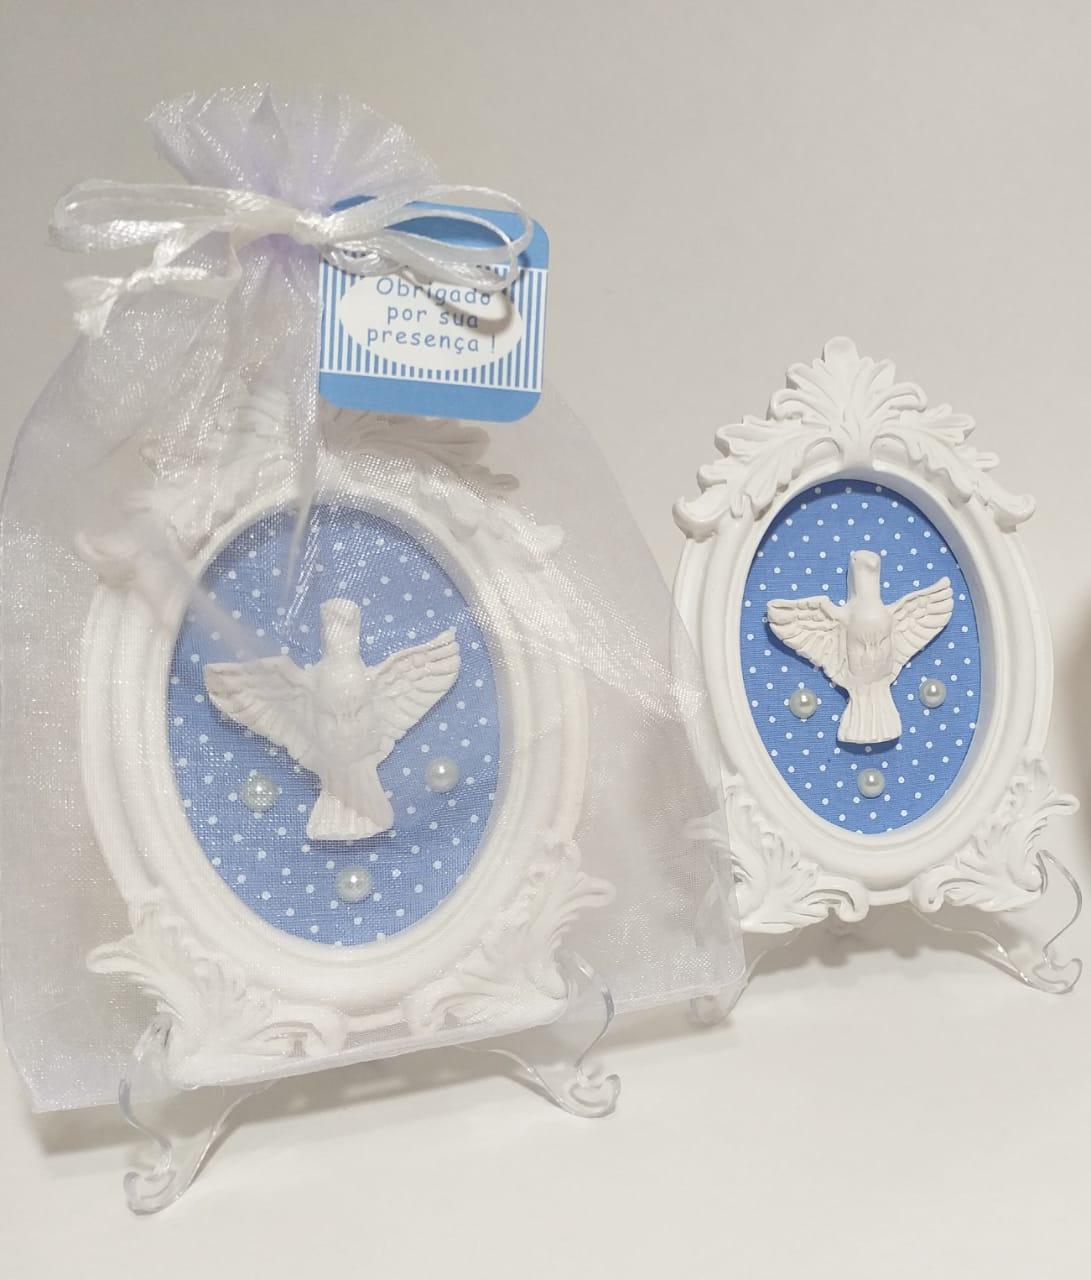 Quadro Lembrancinha Personalizada Você Monta os Opcionais - Lembrança de Batizado Nascimento Pronta Entrega